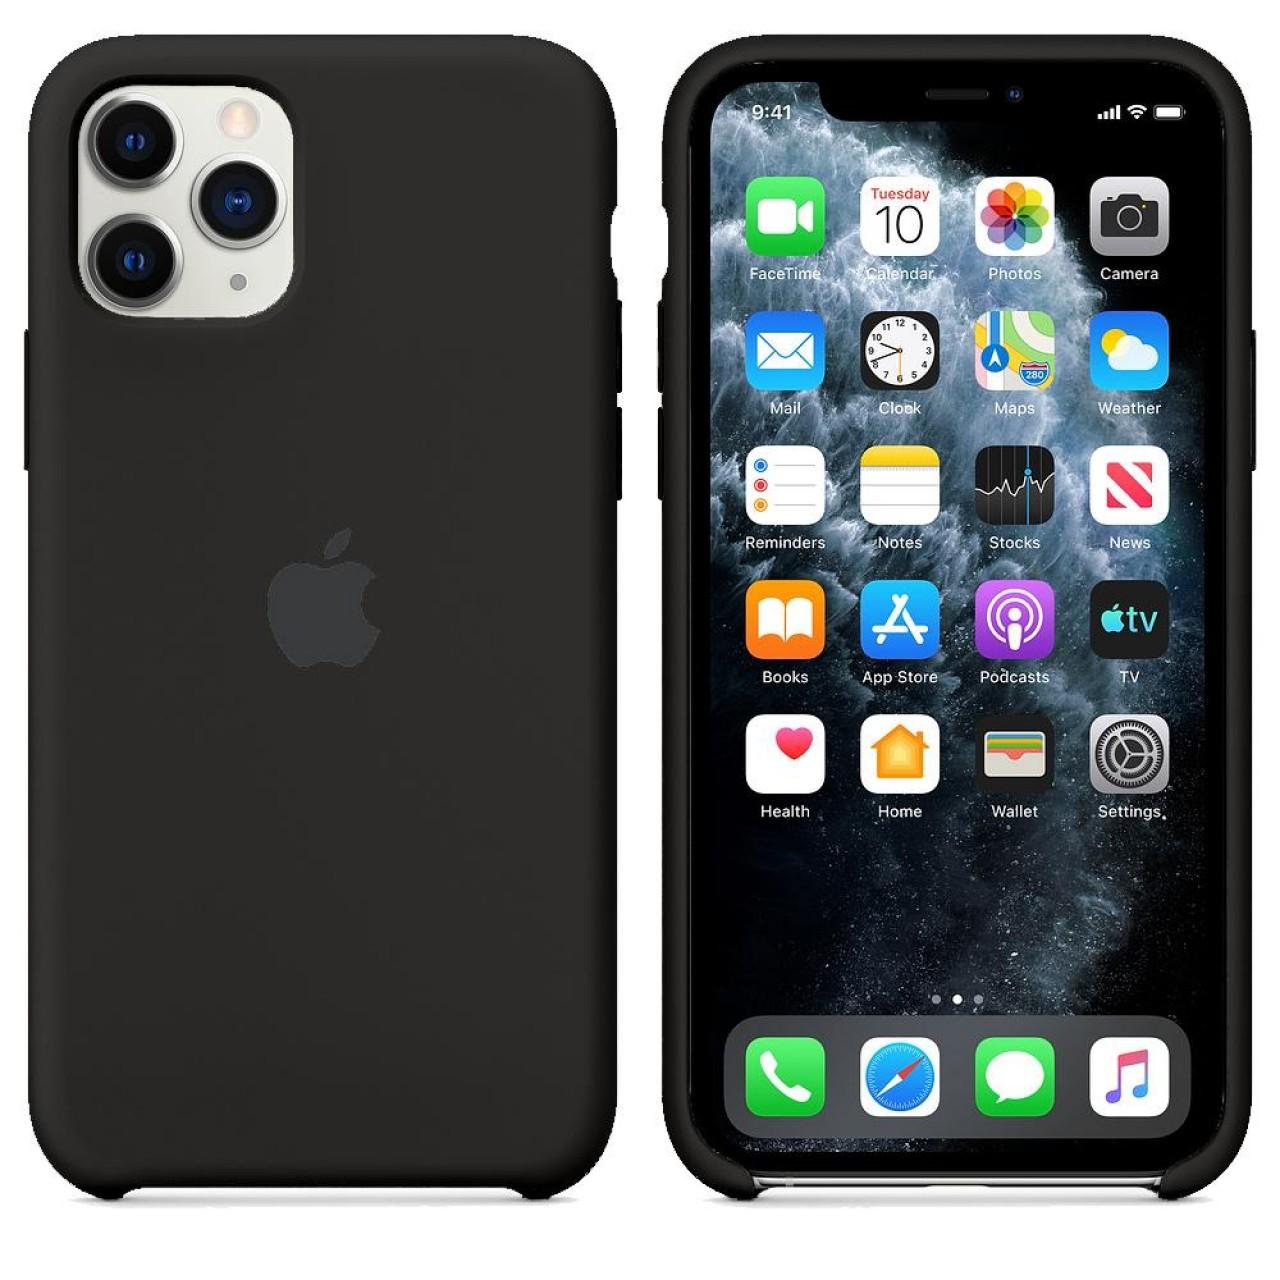 ΘΗΚΗ ΠΡΟΣΤΑΣΙΑΣ ΣΙΛΙΚΟΝΗΣ ΓΙΑ iPhone 11 PRO ΜΑΥΡΗ - BACK COVER SILICON CASE BLACK - OEM